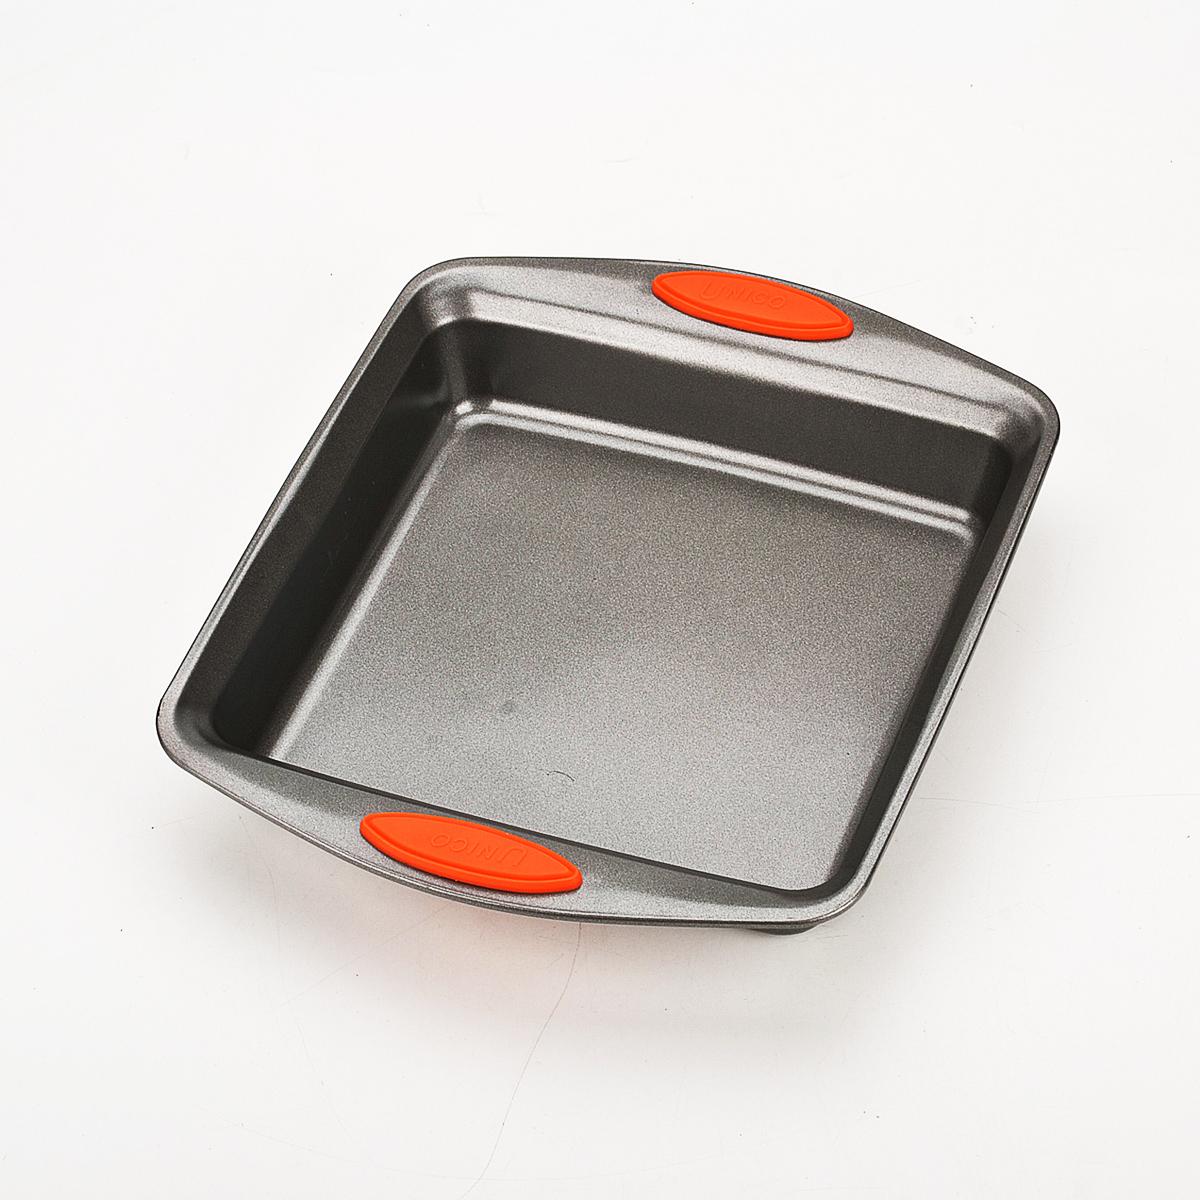 Форма для пирога Mayer & Boch, квадратная, цвет: черный, 31 х 25,8 см 409594672Квадратная форма для пирога Mayer & Boch изготовлена из углеродистой стали. Сталь не содержит вредных примесей ПФОК, что способствует здоровому и экологичному приготовлению пищи. Форма идеально подходит для приготовления пирогов и других блюд. Выдерживает температуру до +230°C. Изделие имеет ручки с силиконовыми вставками.Форма для запекания Mayer & Boch подходит для приготовления блюд в духовке. Можно мыть в посудомоечной машине. Высота стенки: 5,5 см. Толщина стенки: 2 мм. Толщина дна: 2 мм. Размер формы: 31 см х 25,8 см.